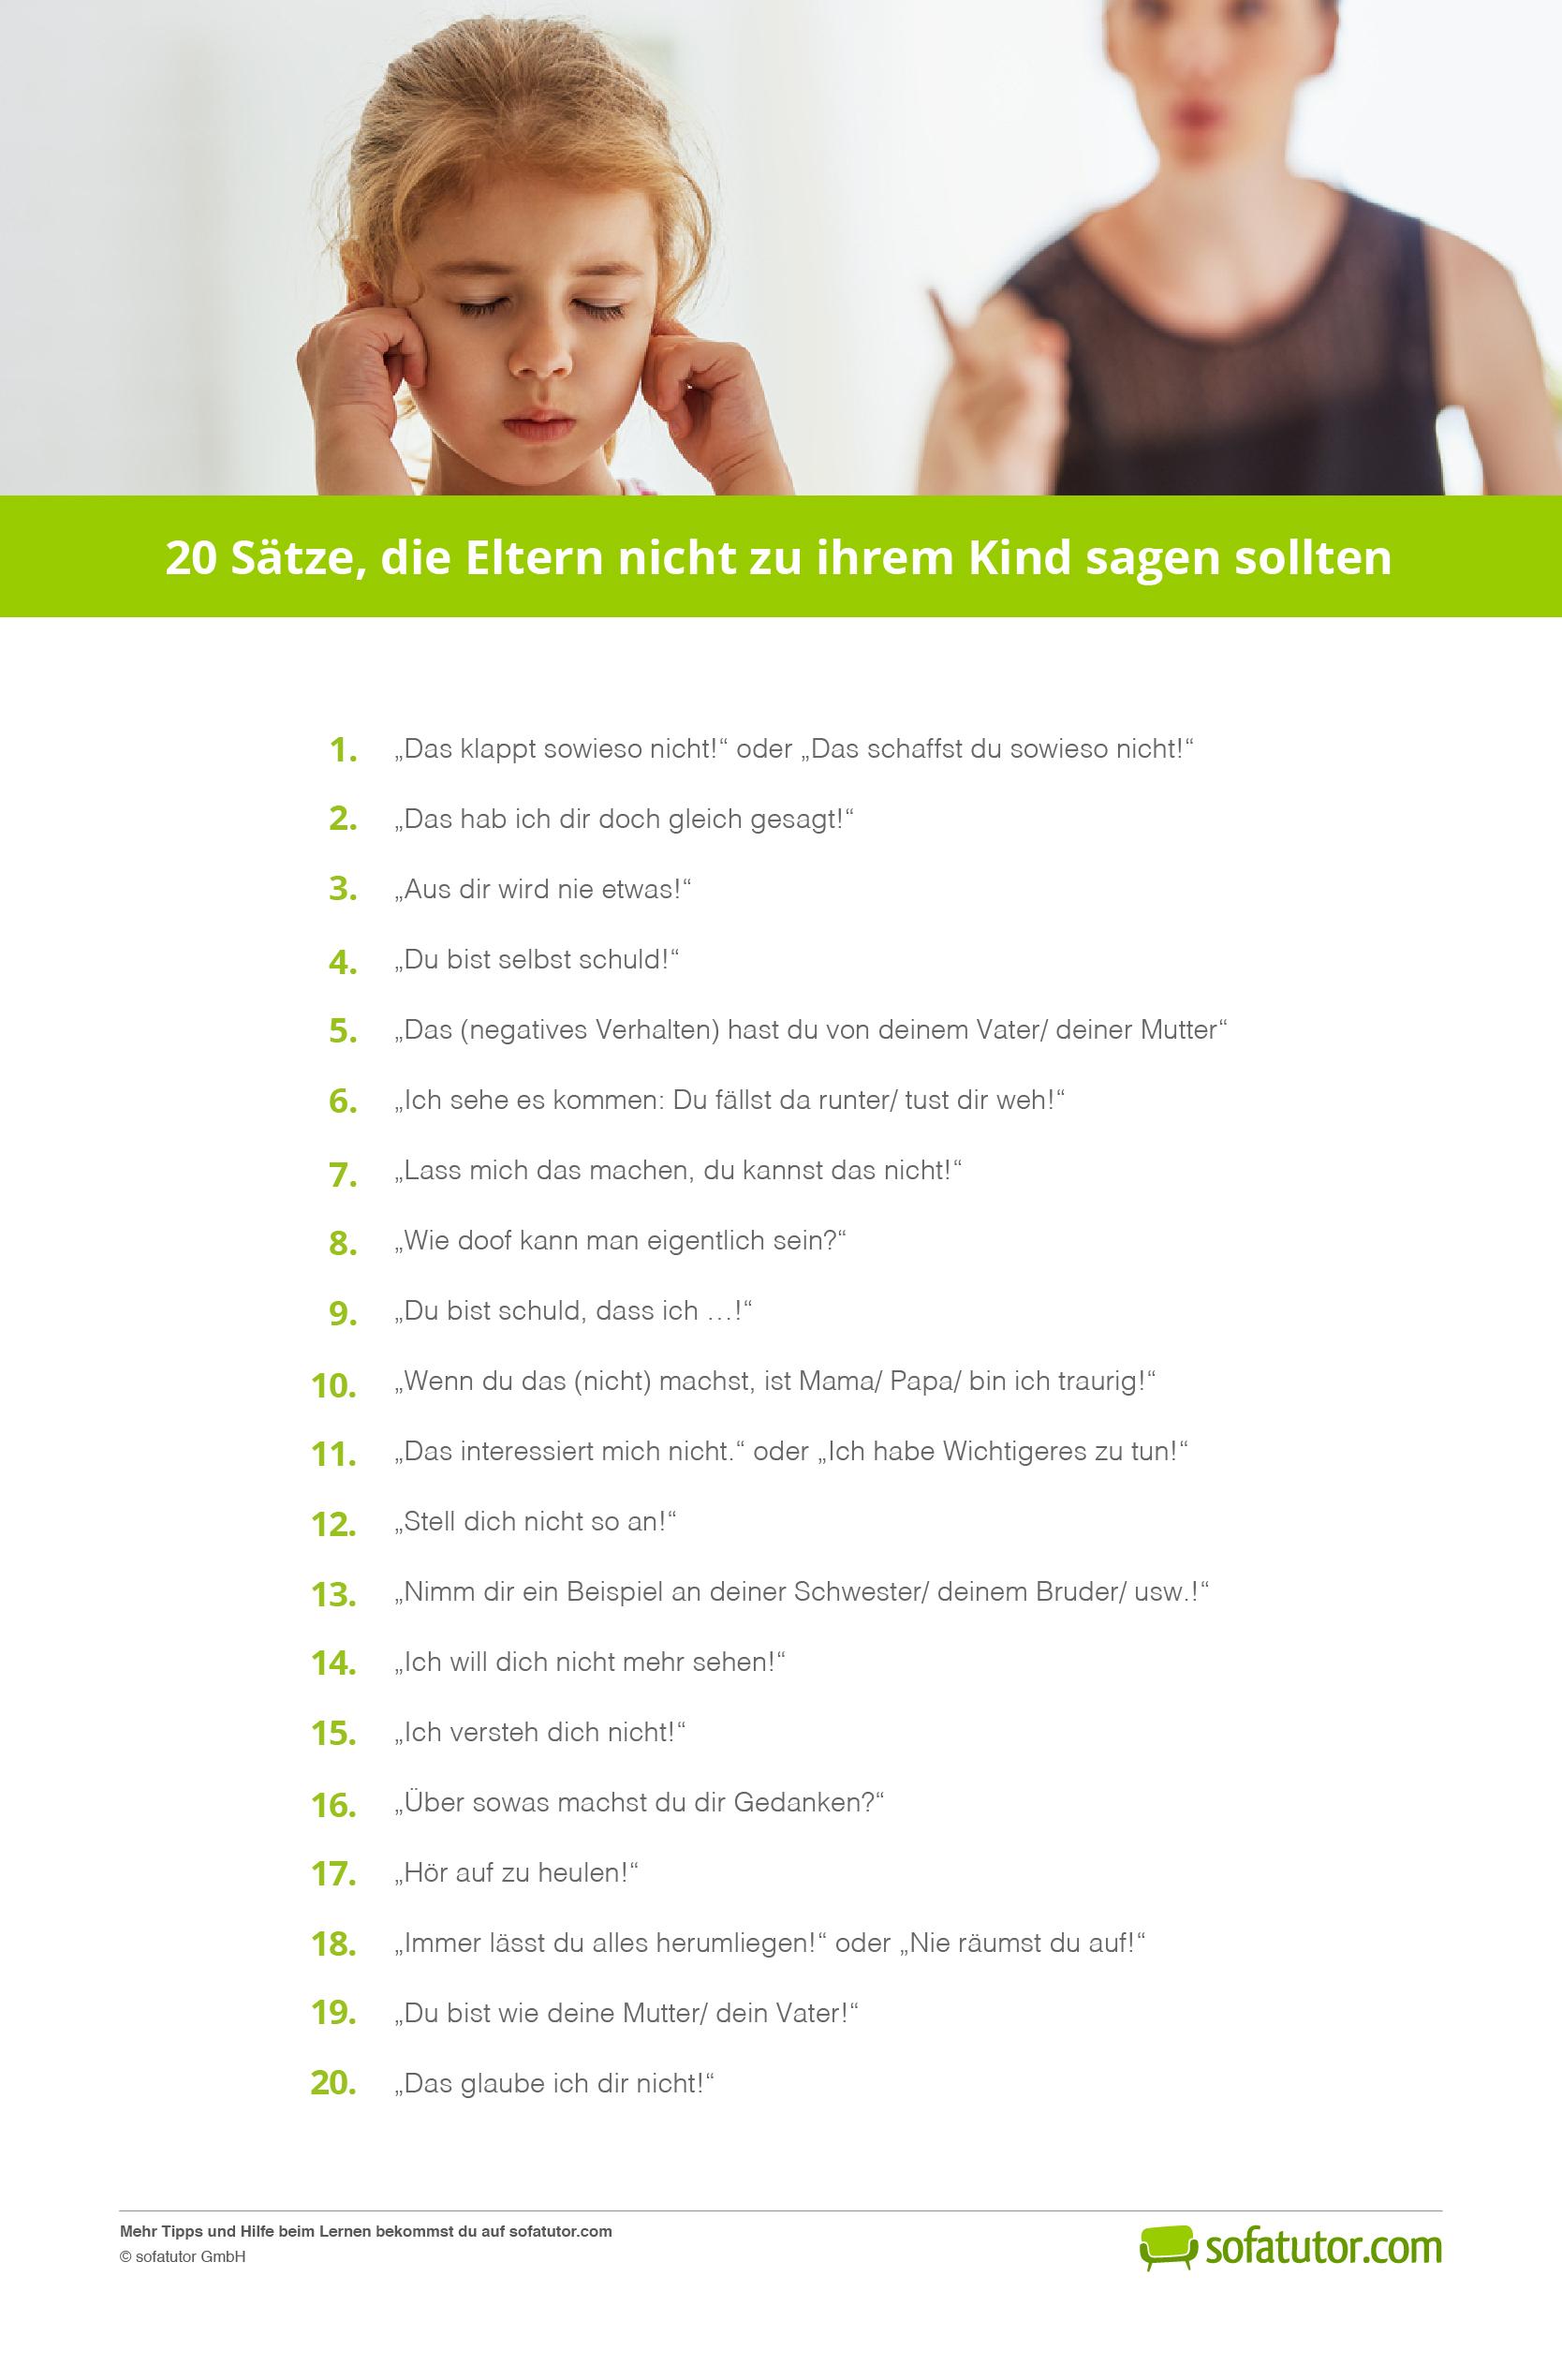 10 Dinge, die Eltern ihren Kindern nicht geben sollten